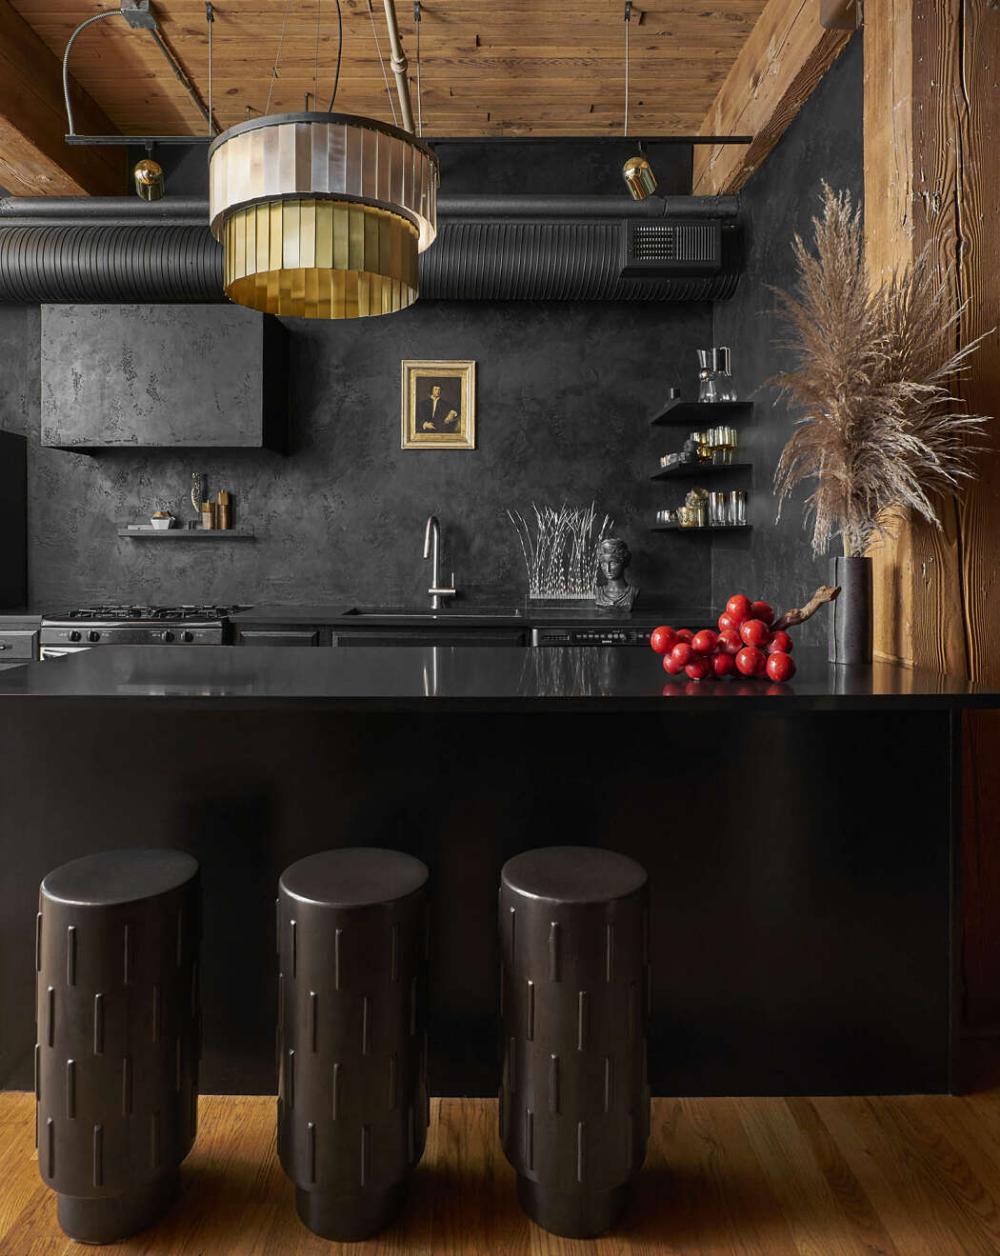 Pin By Tiberiu Lupescu On Bucatarie Kitchen Backsplash Designs Kitchen Backsplash Backsplash Designs